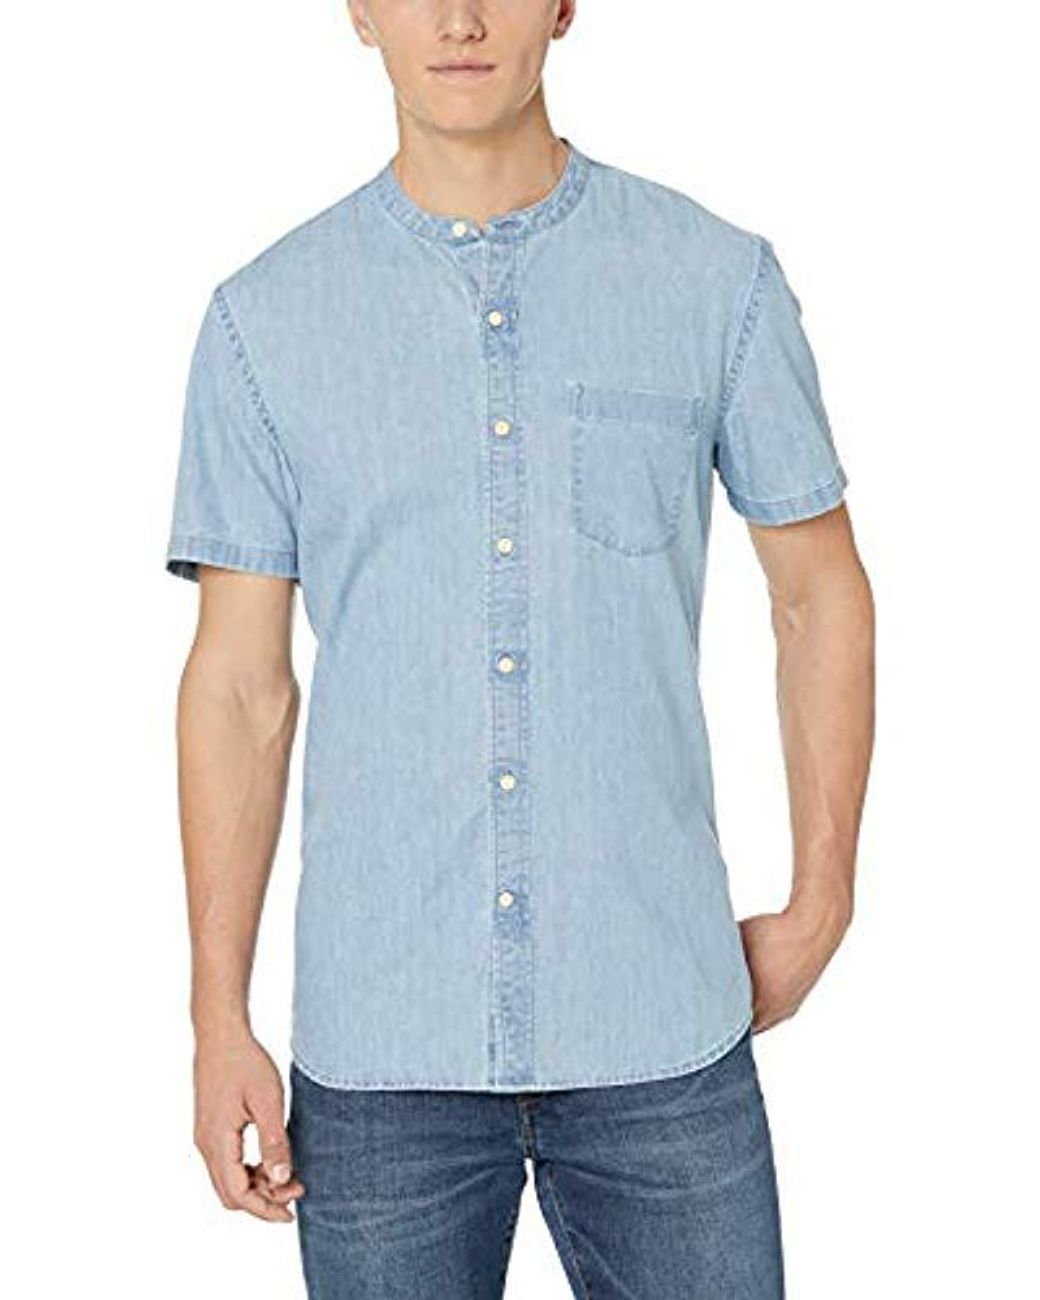 Goodthreads Mens Standard-Fit Short-Sleeve Band-Collar Denim Shirt Brand